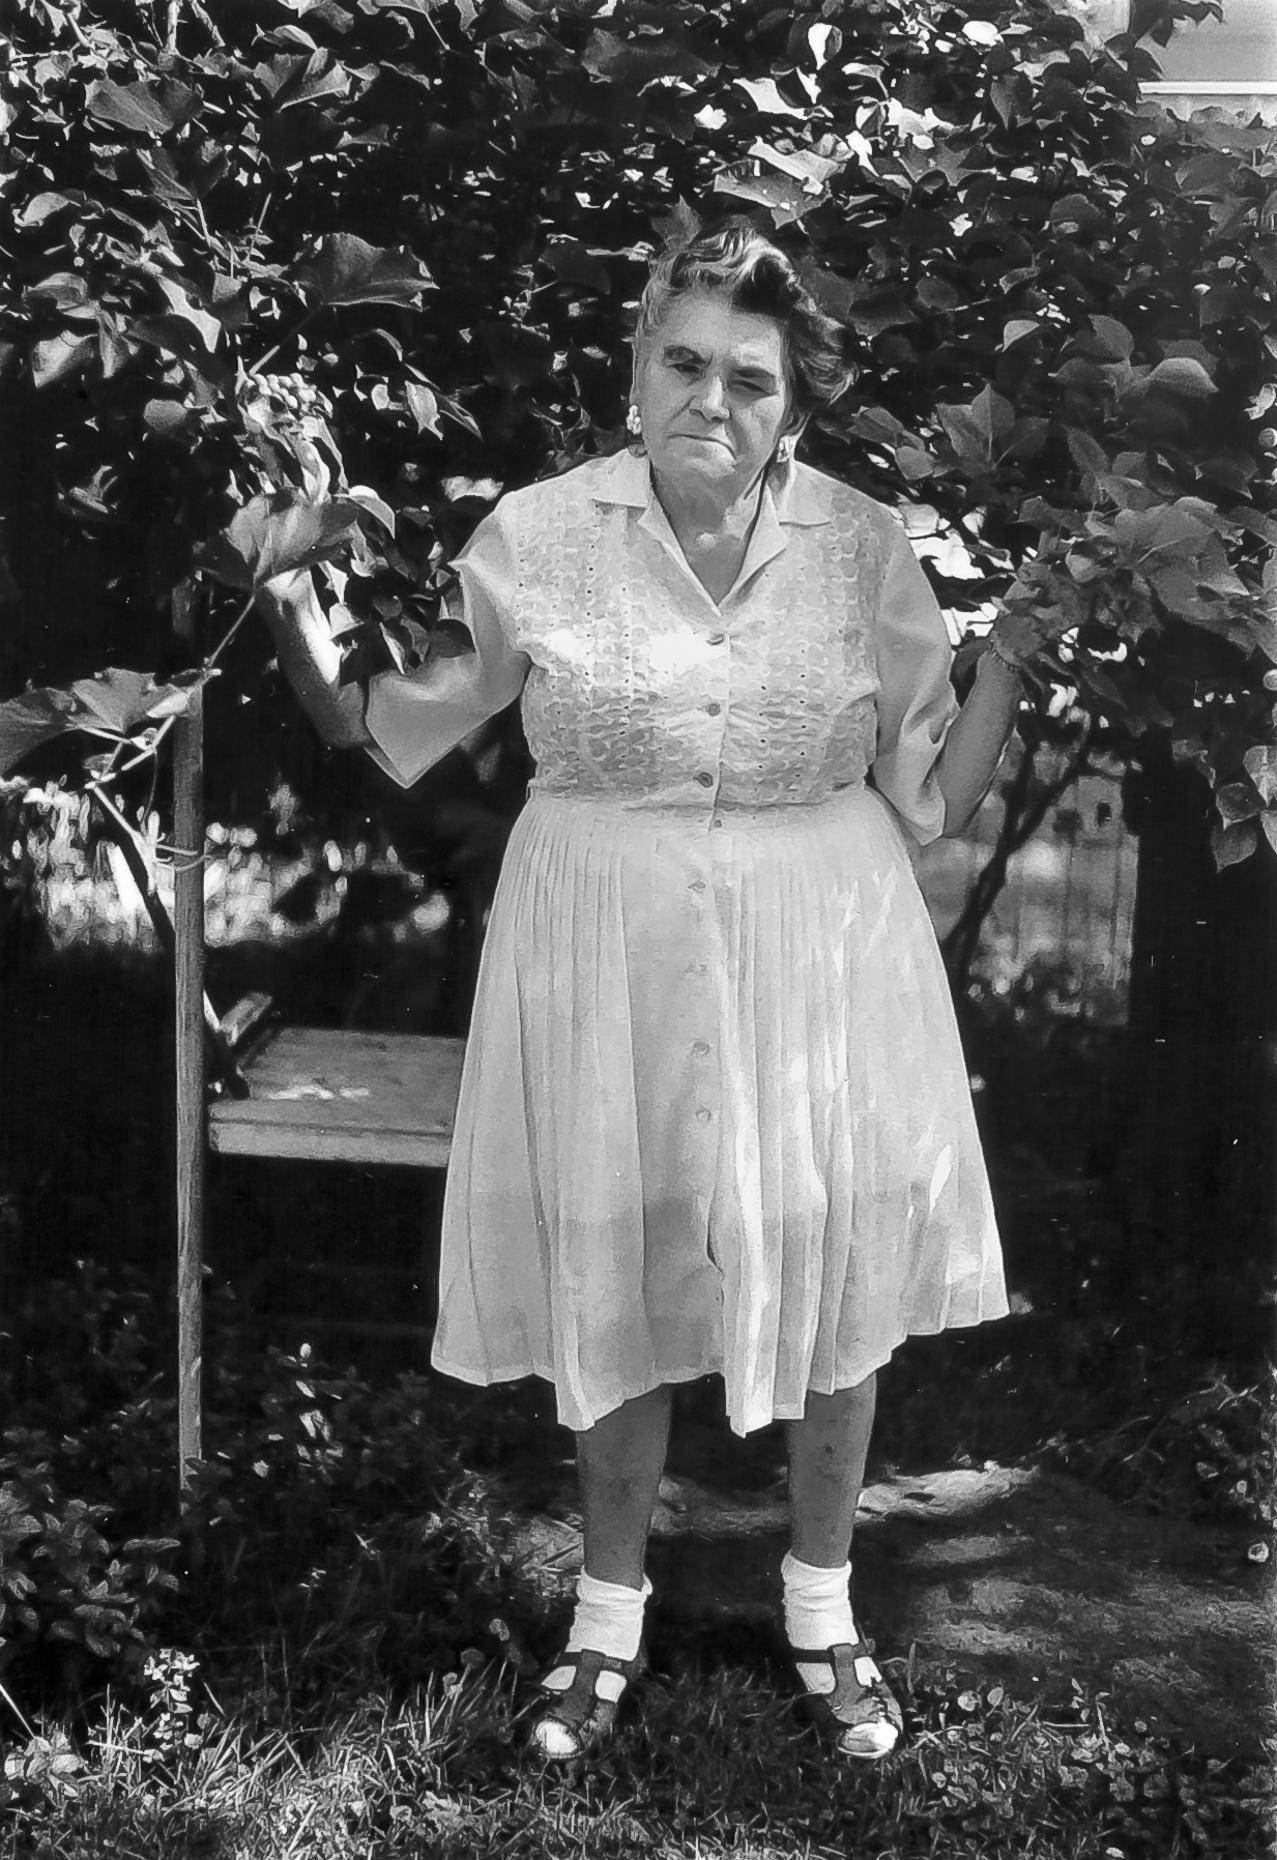 Mrs DeLuca, Pearl Street, Rochester, New York 1969